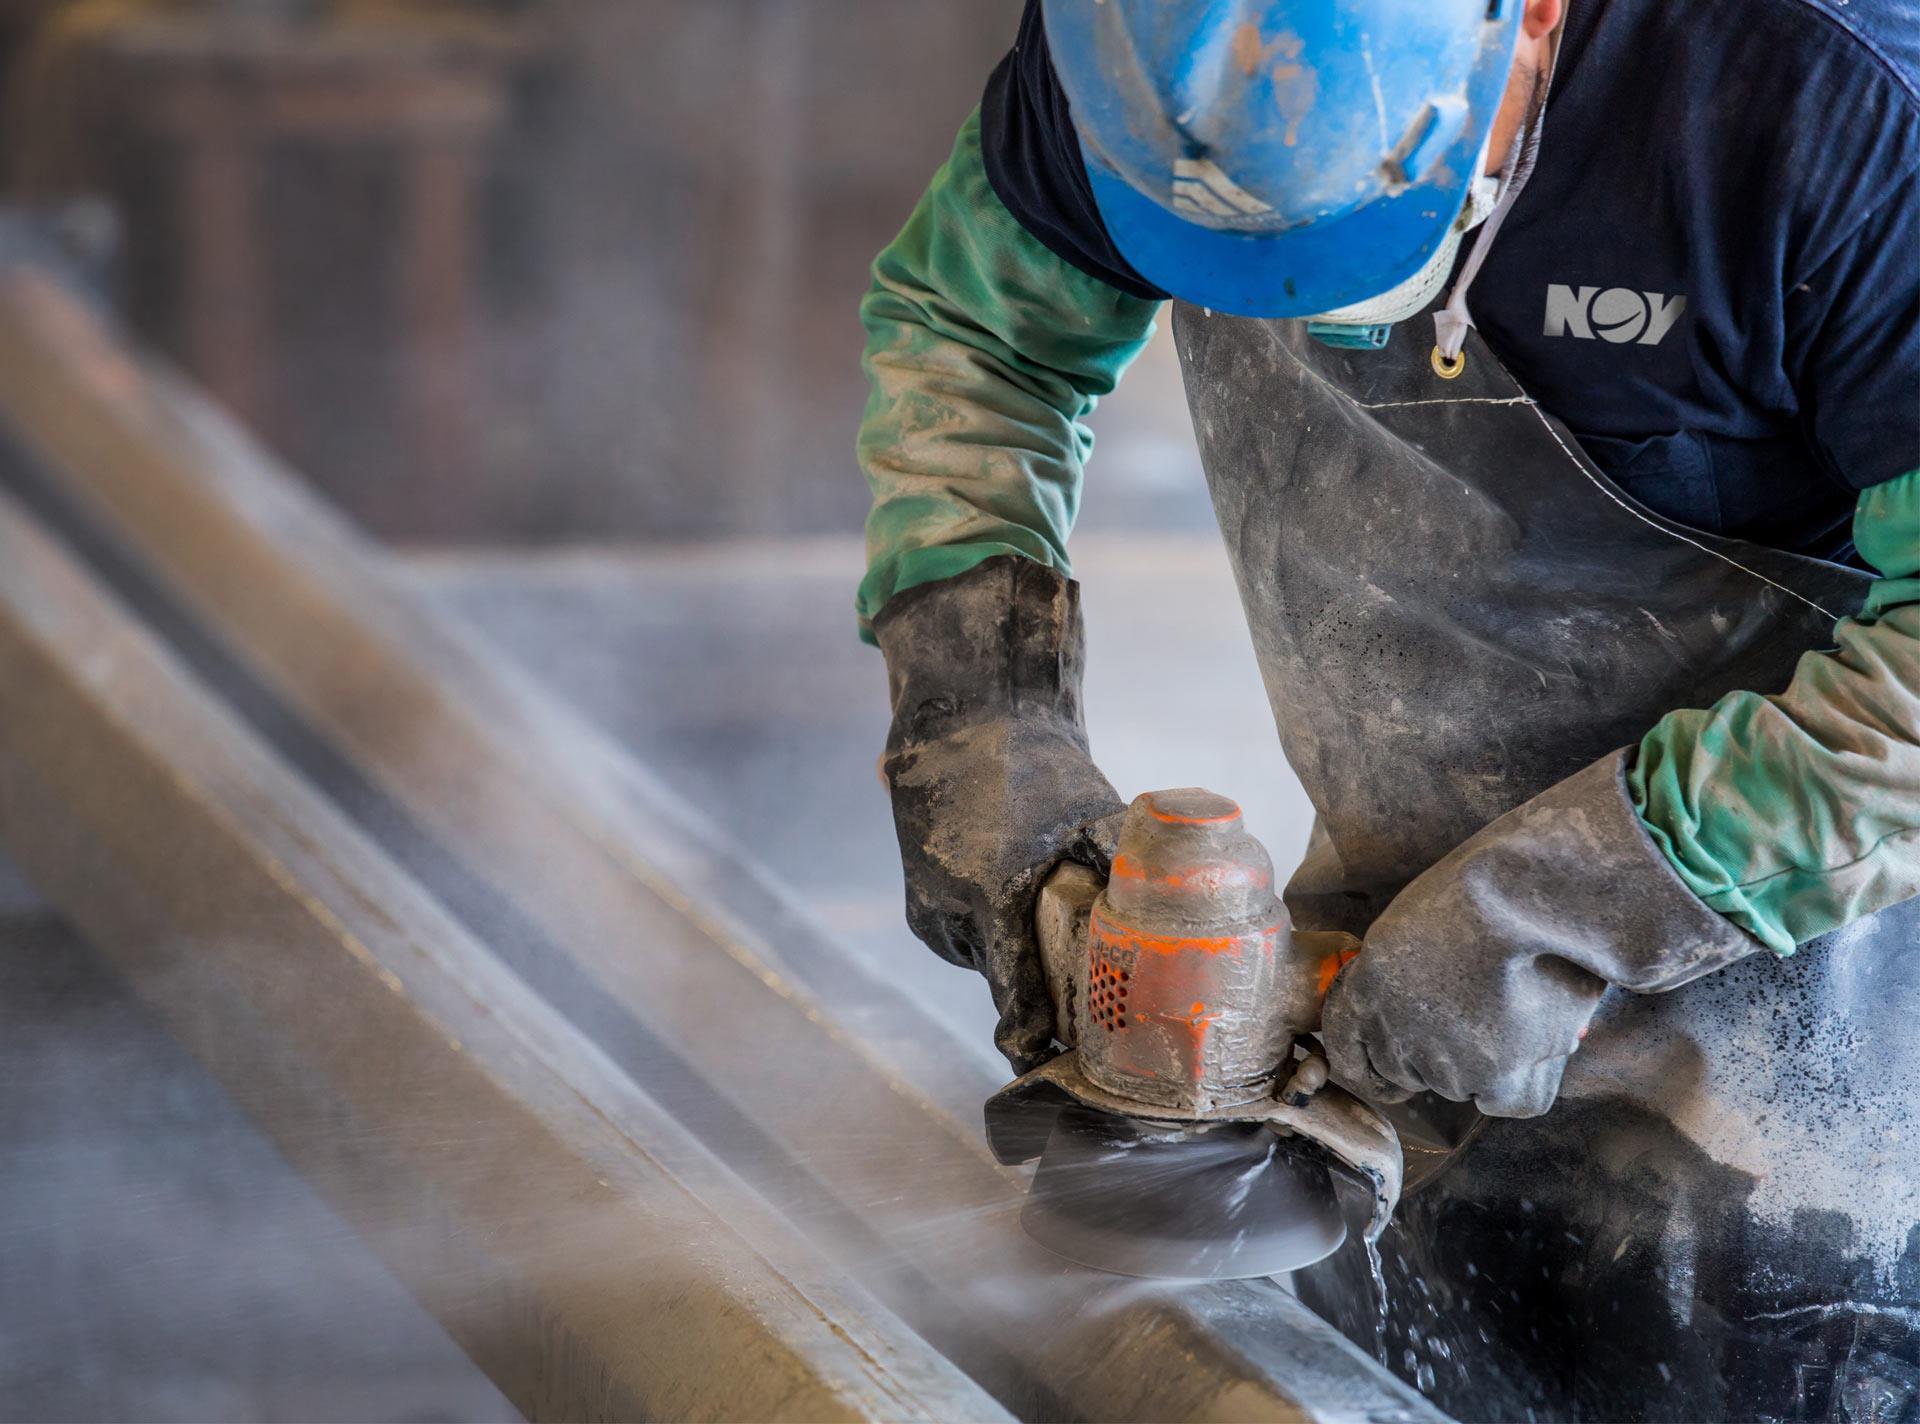 Ameron technicain sanding concrete pole